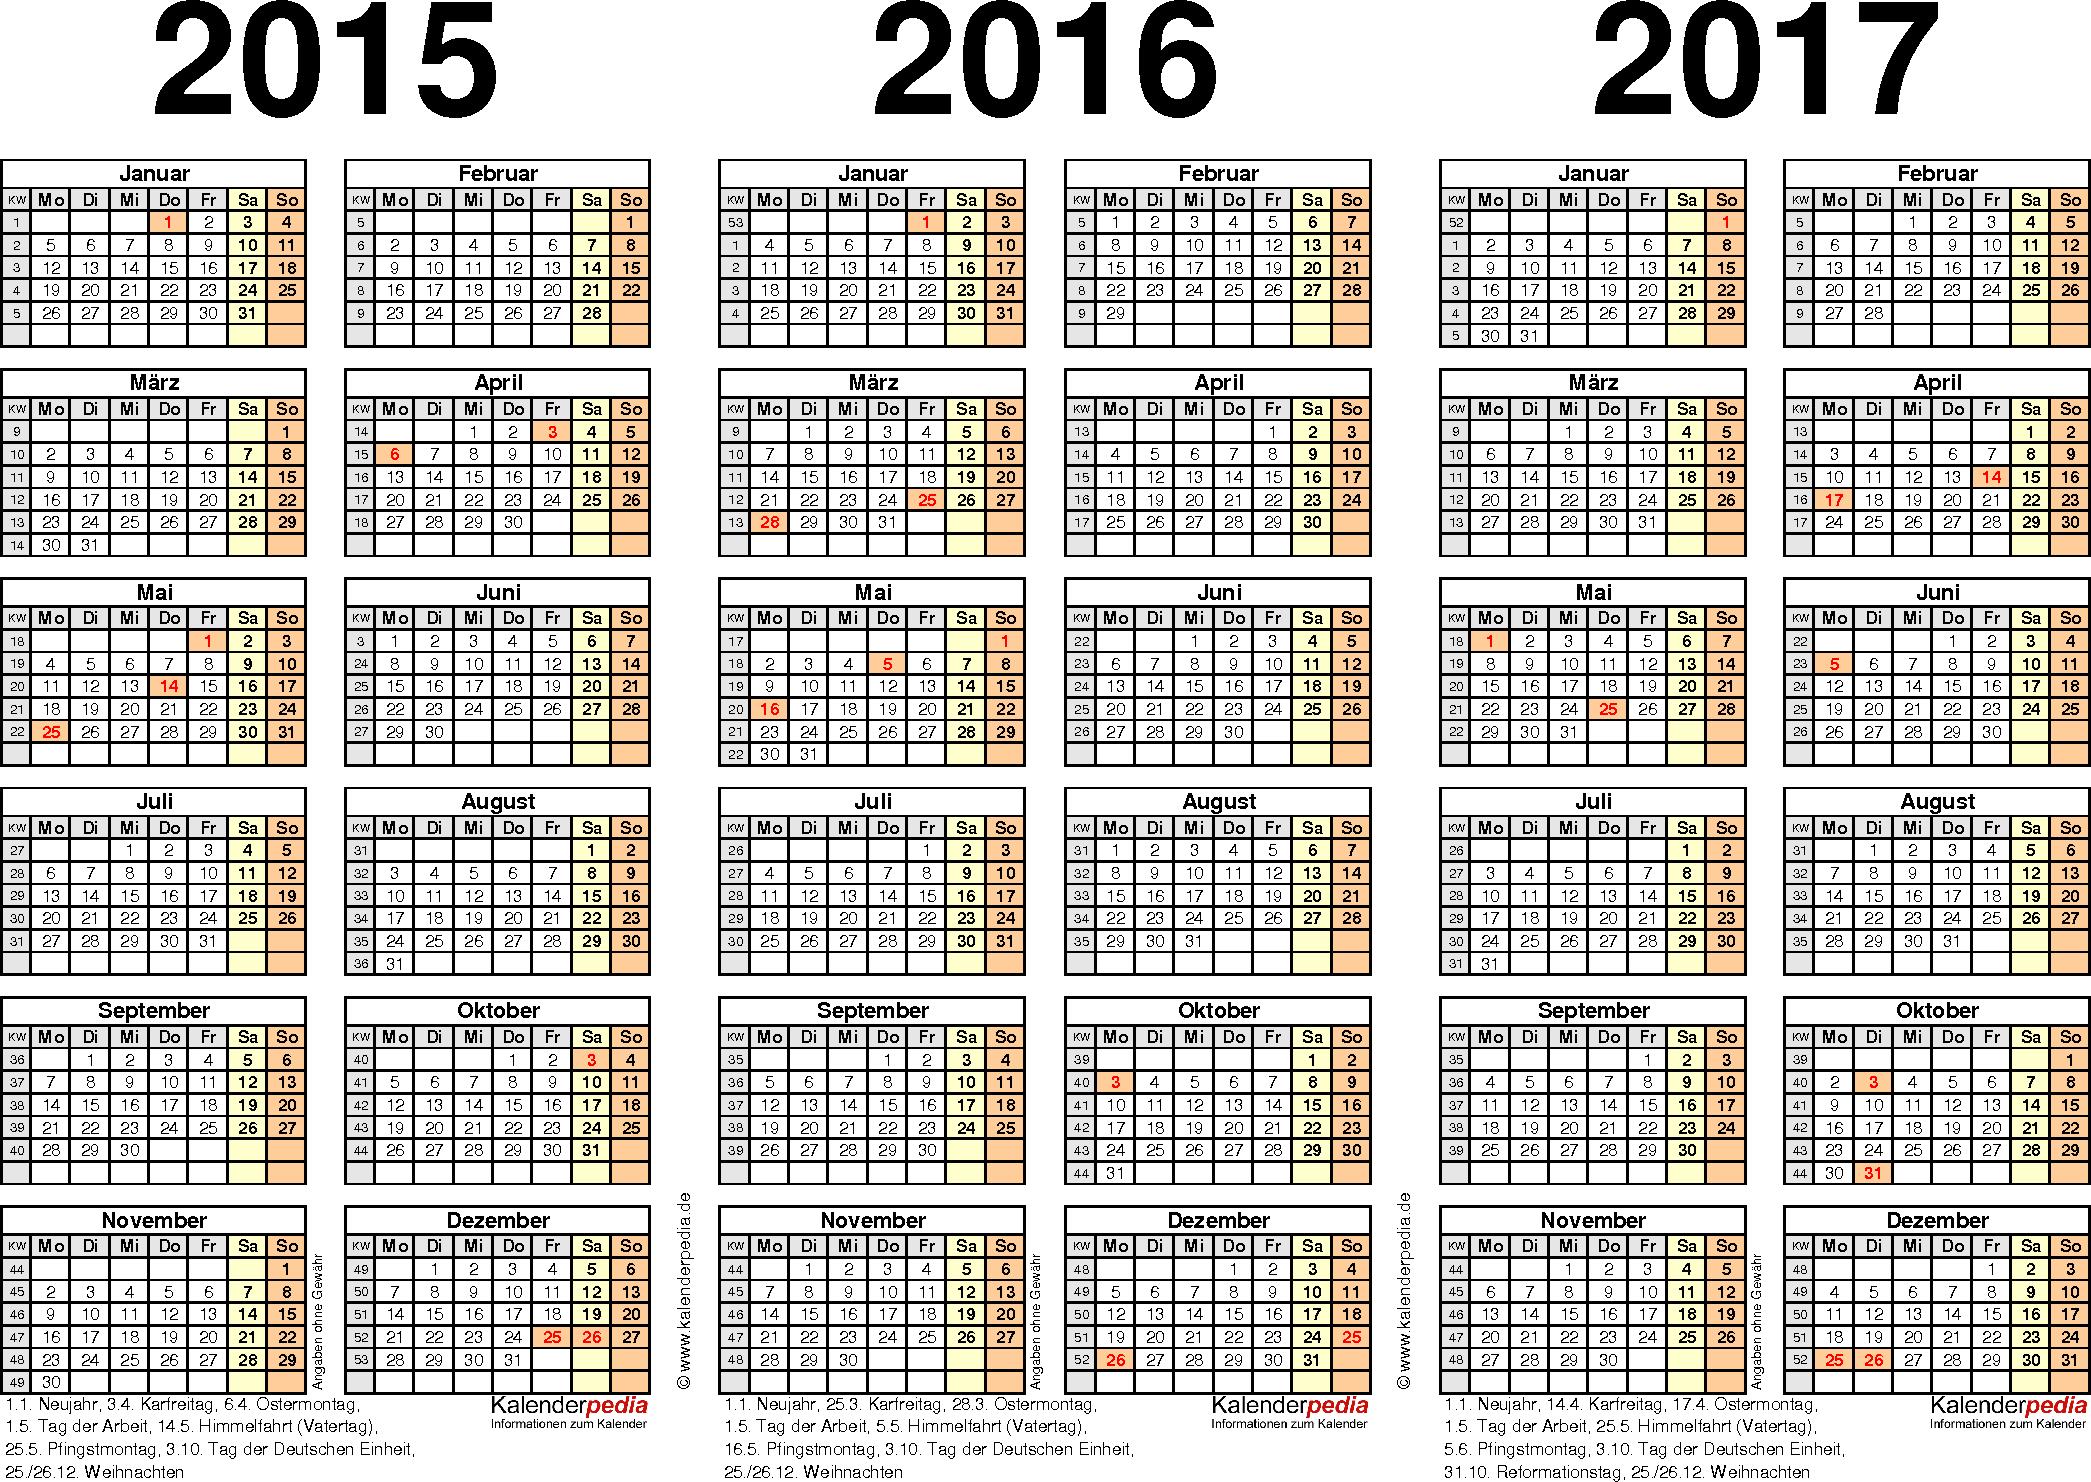 Excel-Vorlage für Dreijahreskalender 2015-2017 (Querformat, 1 Seite)